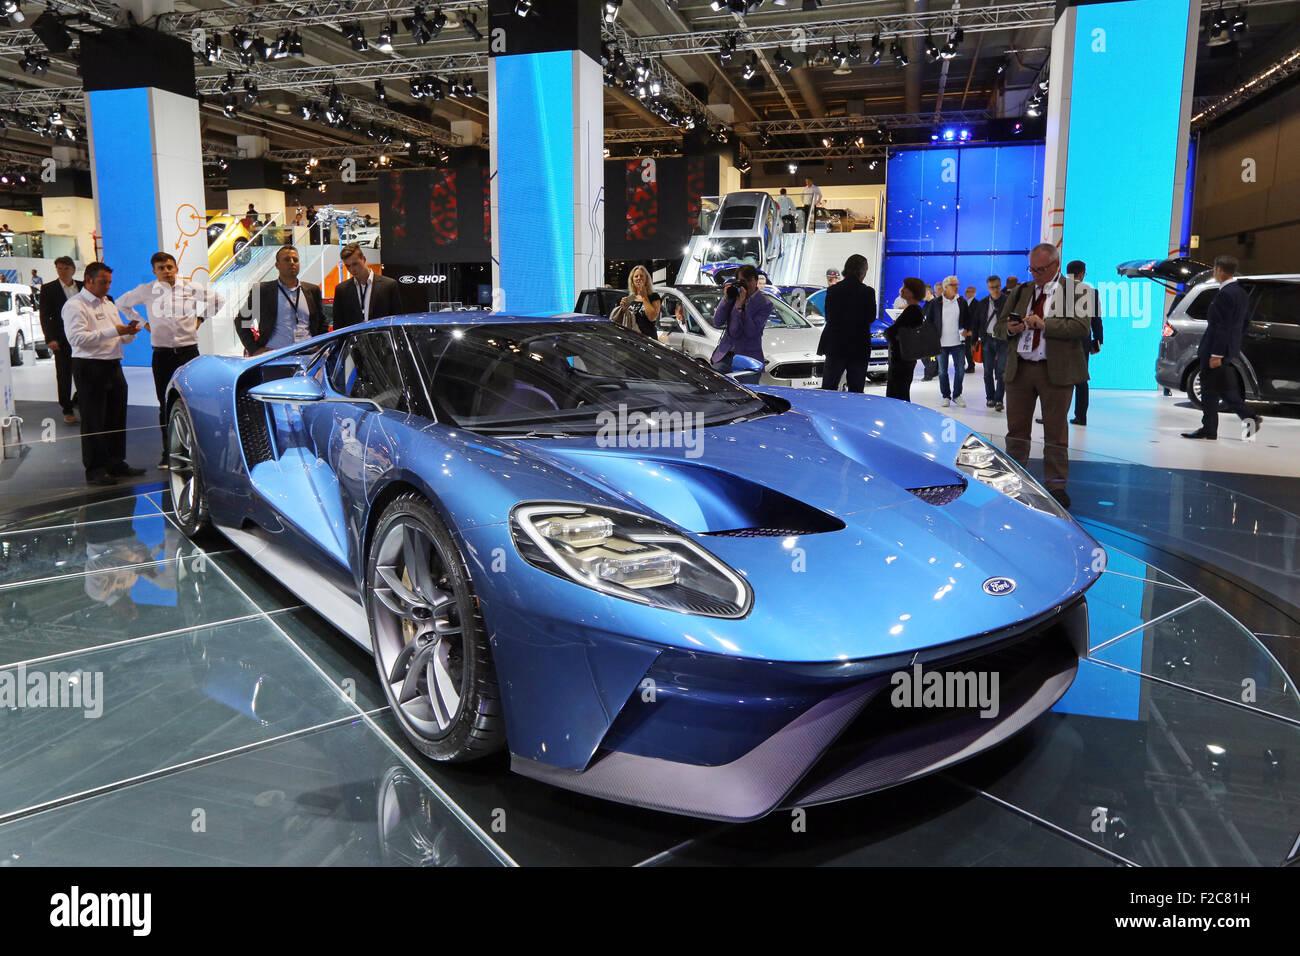 Frankfurt/M, 16.09.2015 - Ford GT concept car en el stand de Ford en el 66º Salón Internacional del Automóvil Imagen De Stock